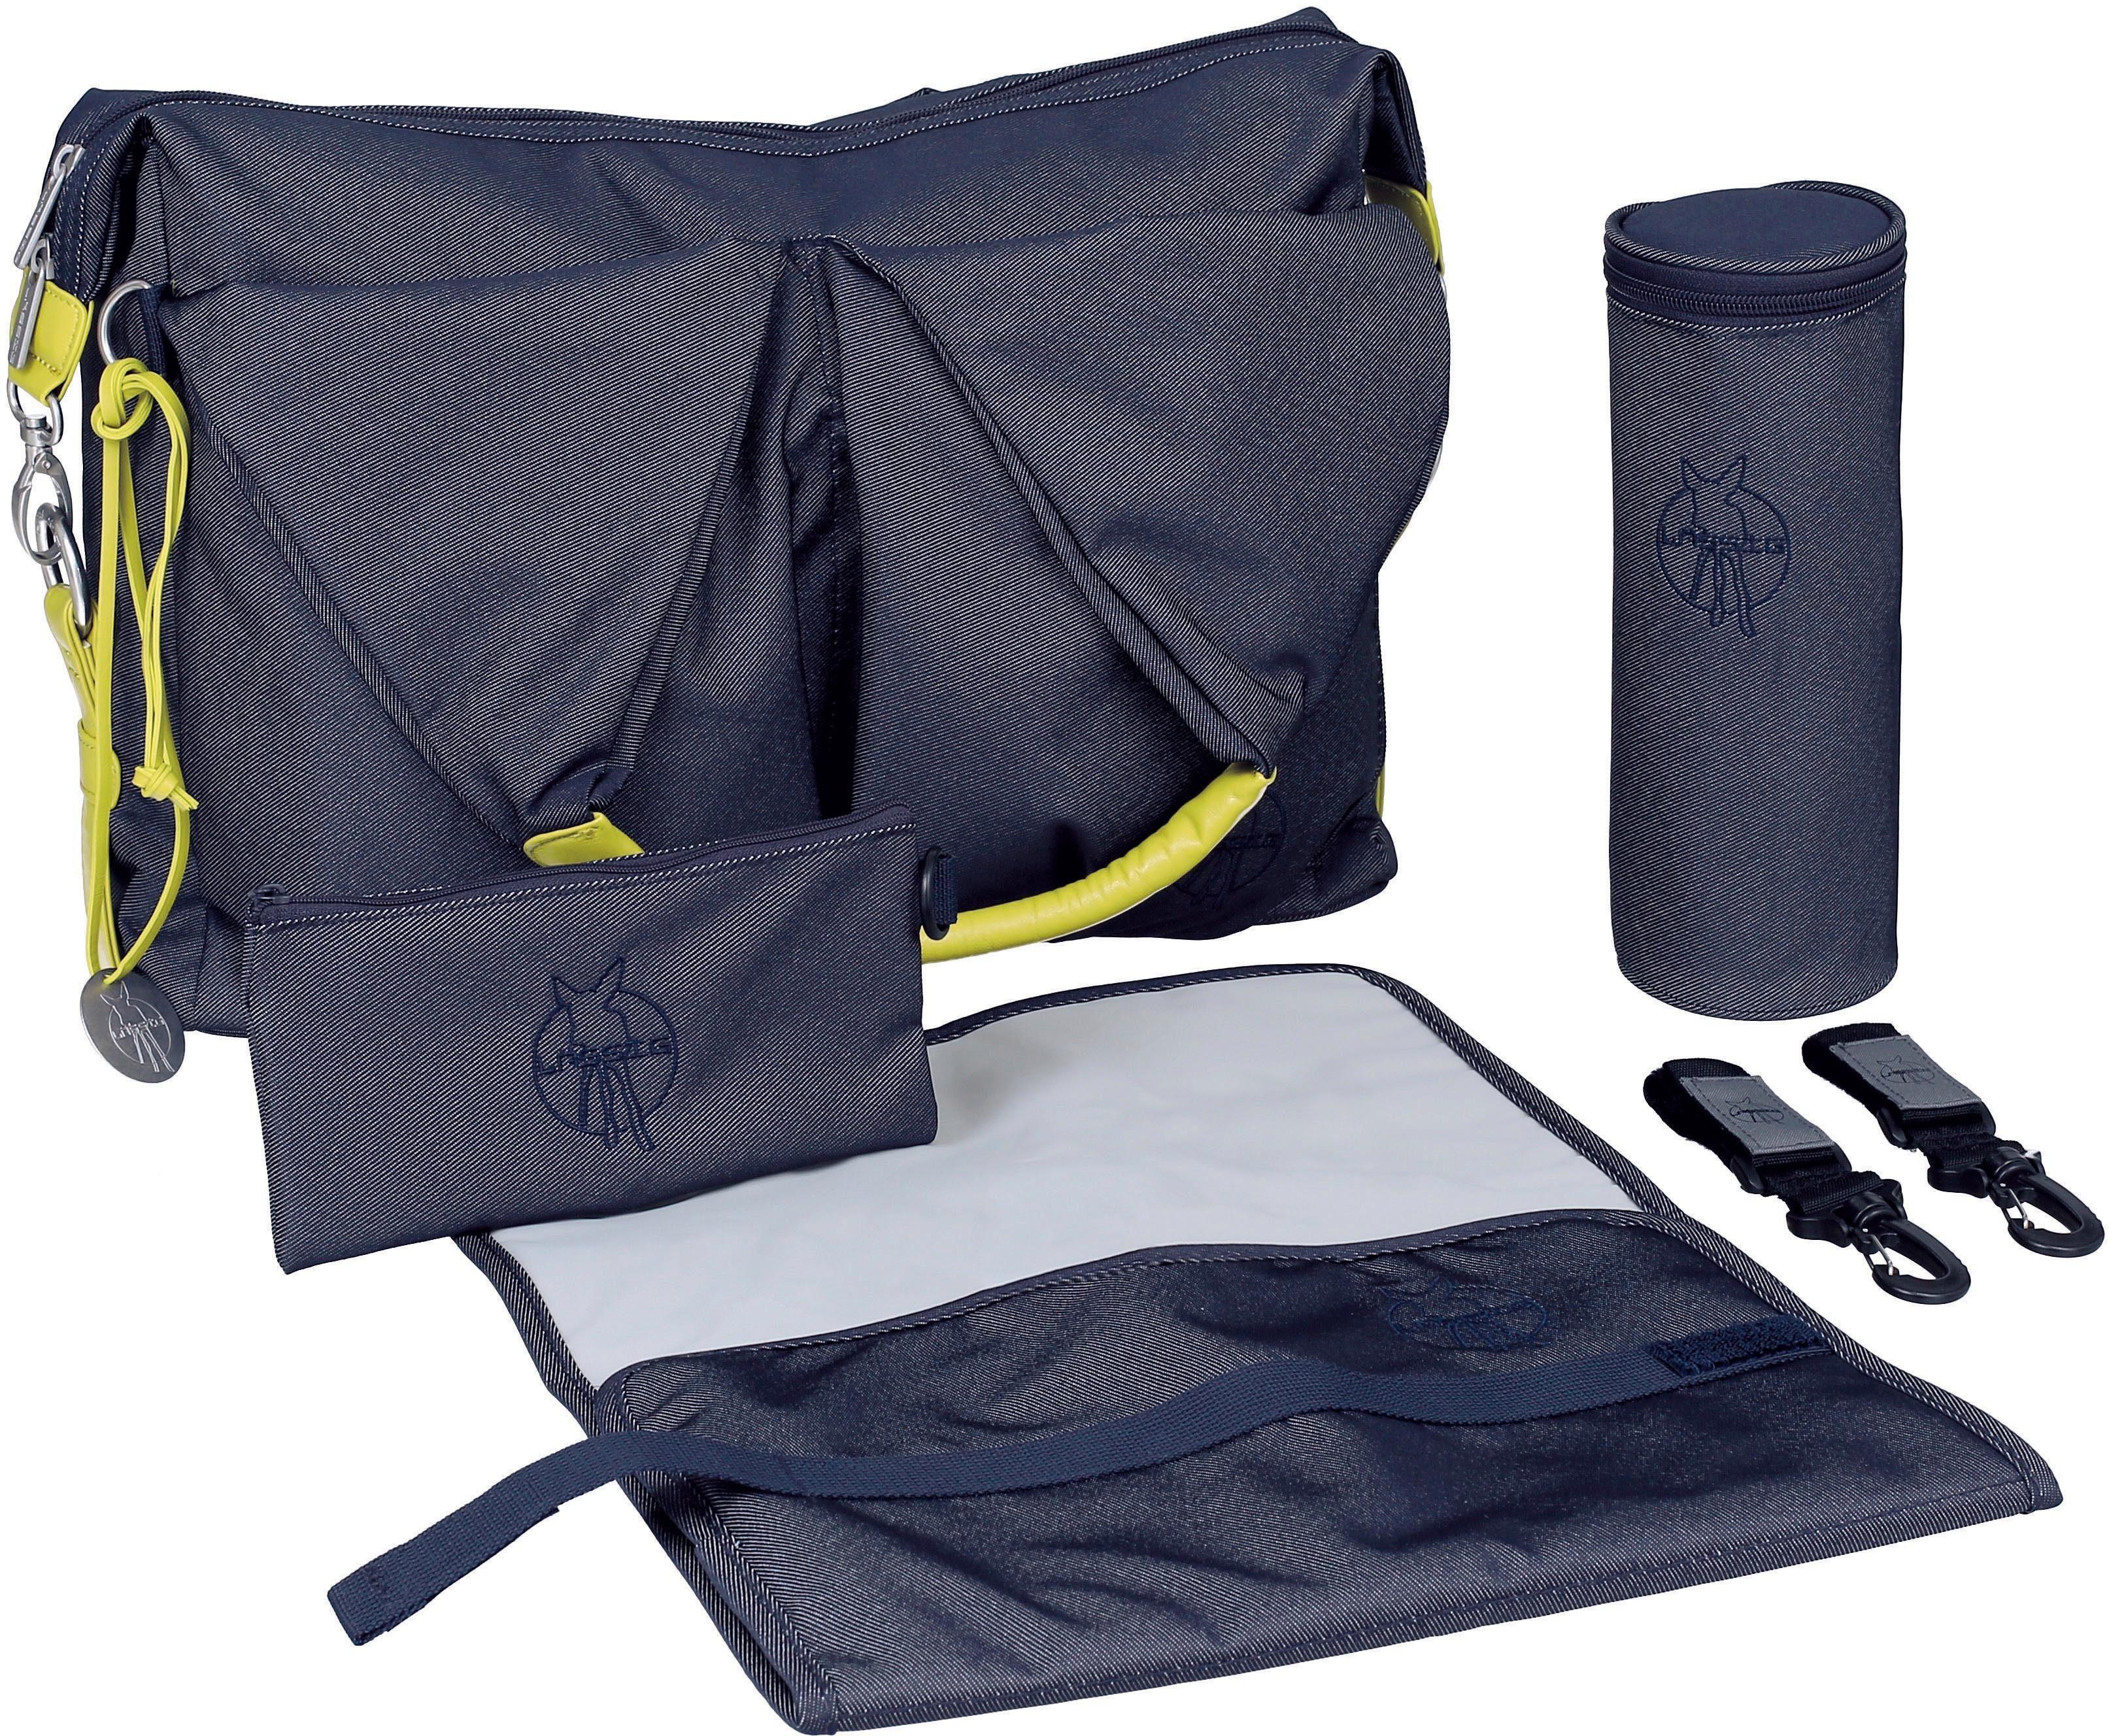 Lässig Wickeltasche mit Wickelunterlage, »Green Label Neckline Bag, Denim Blue«